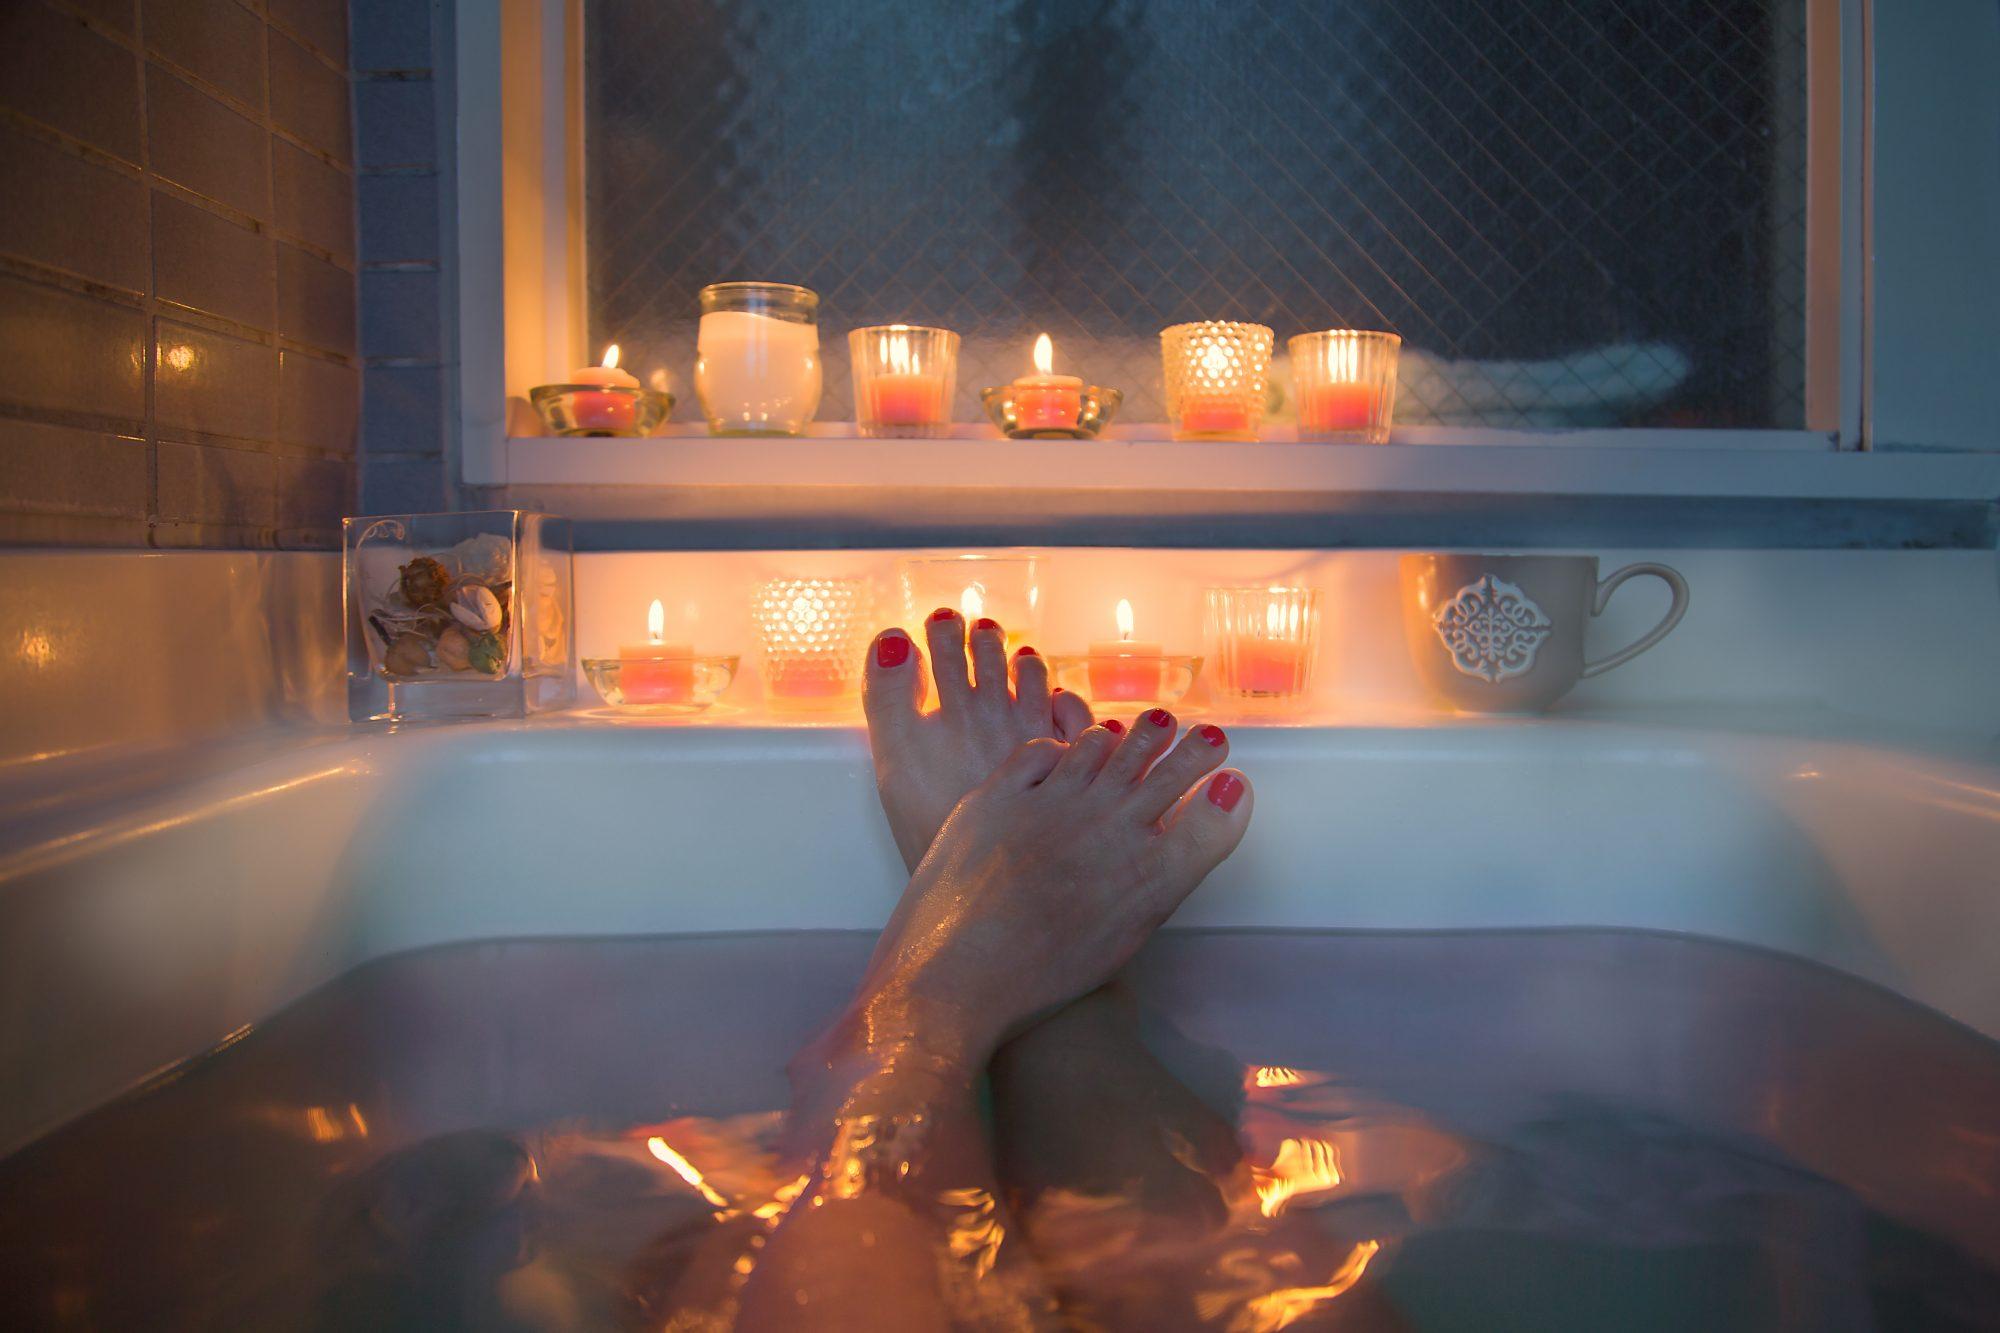 Take a Relaxing Bath